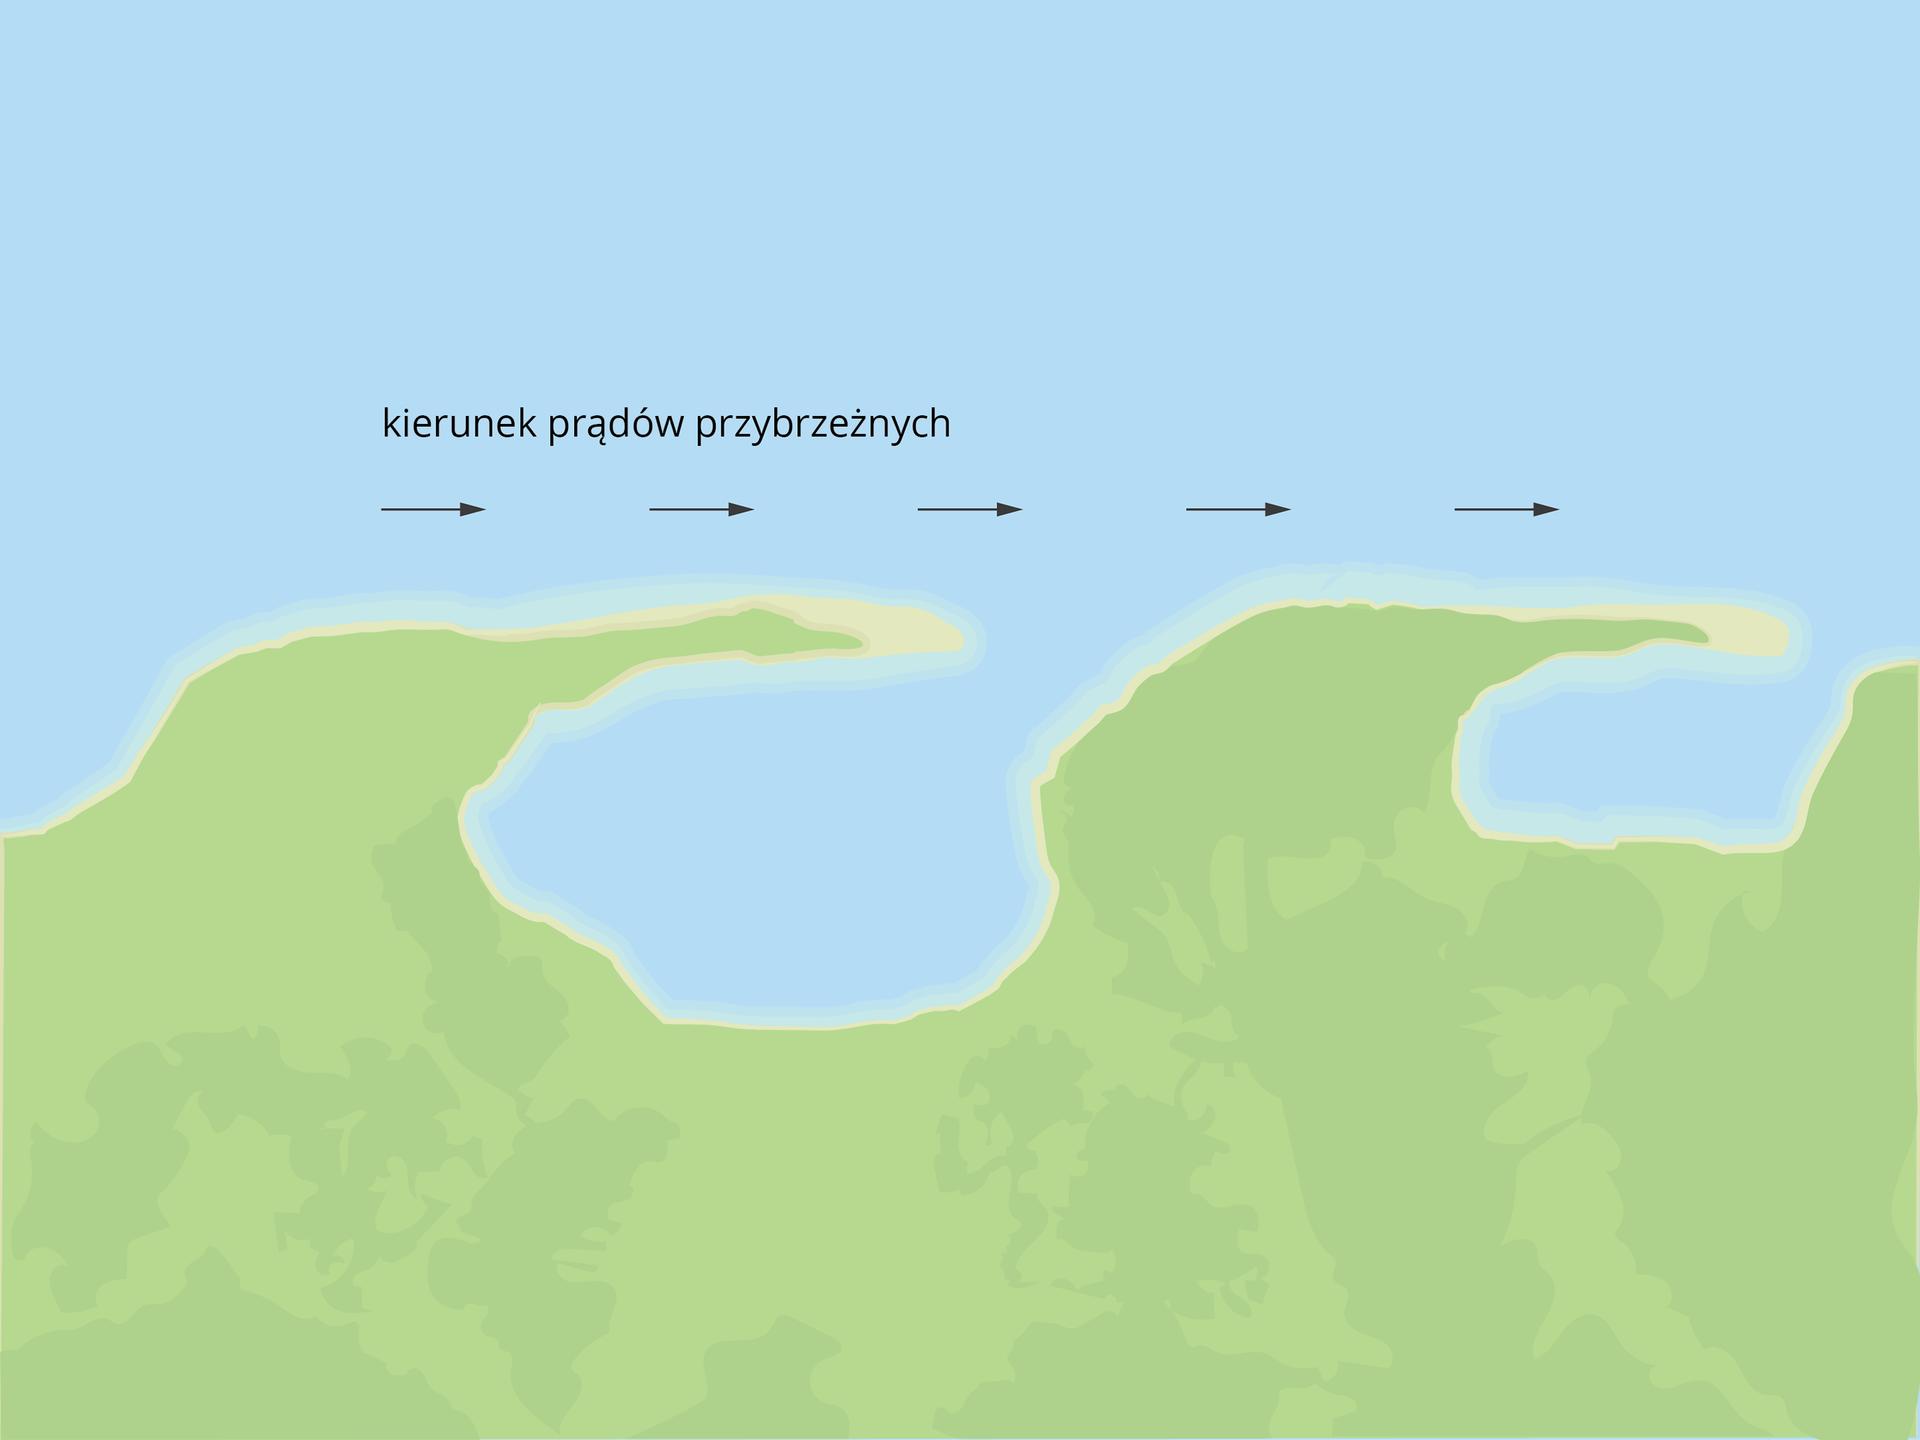 Trzecia ilustracja ukazuje zatoki utworzone przez prąd morski nanoszący piasek.